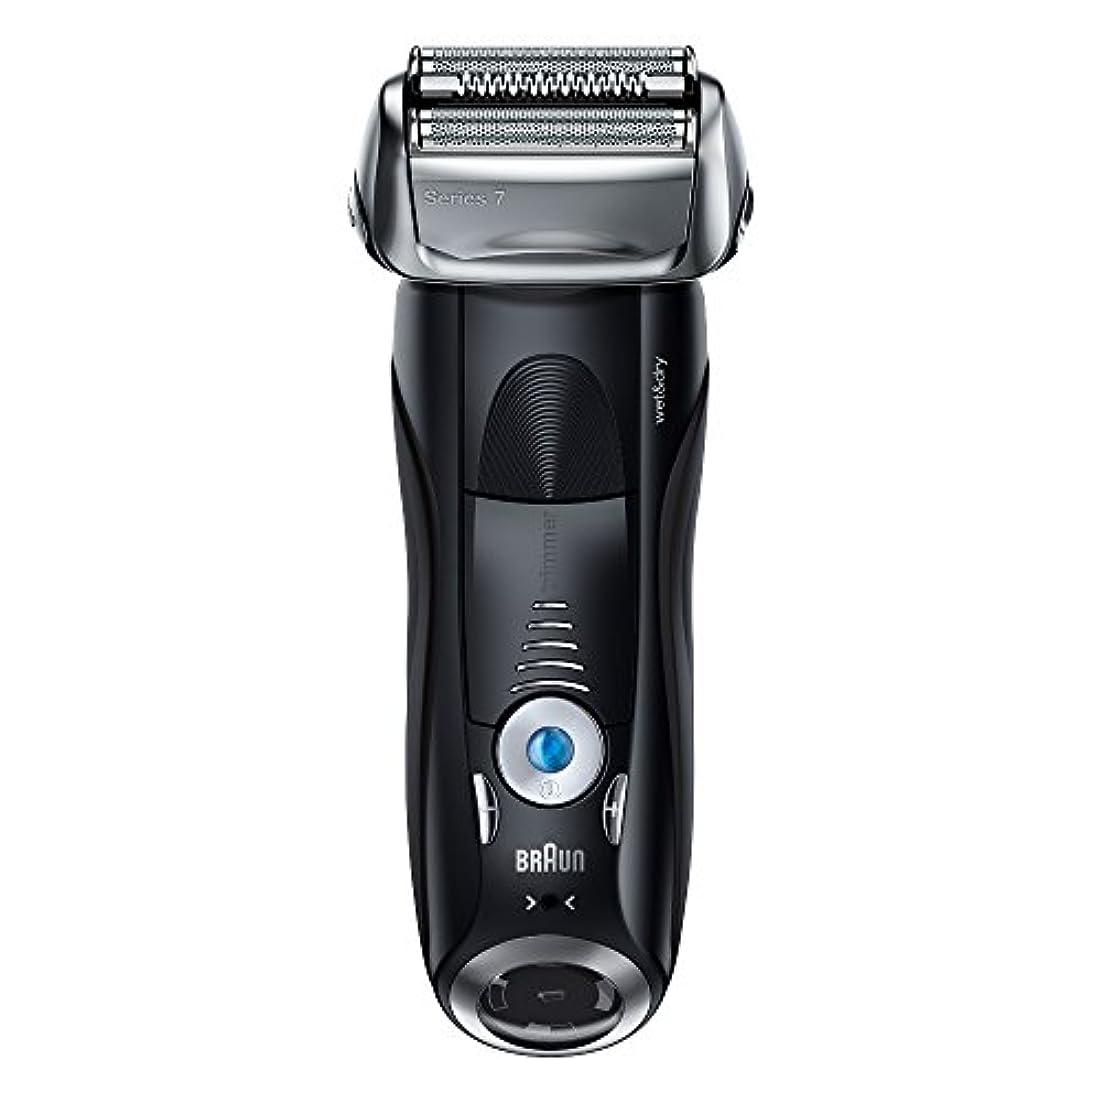 最大化する禁輸コメントブラウン メンズ電気シェーバー シリーズ7 7842s 4カットシステム 水洗い/お風呂剃り可